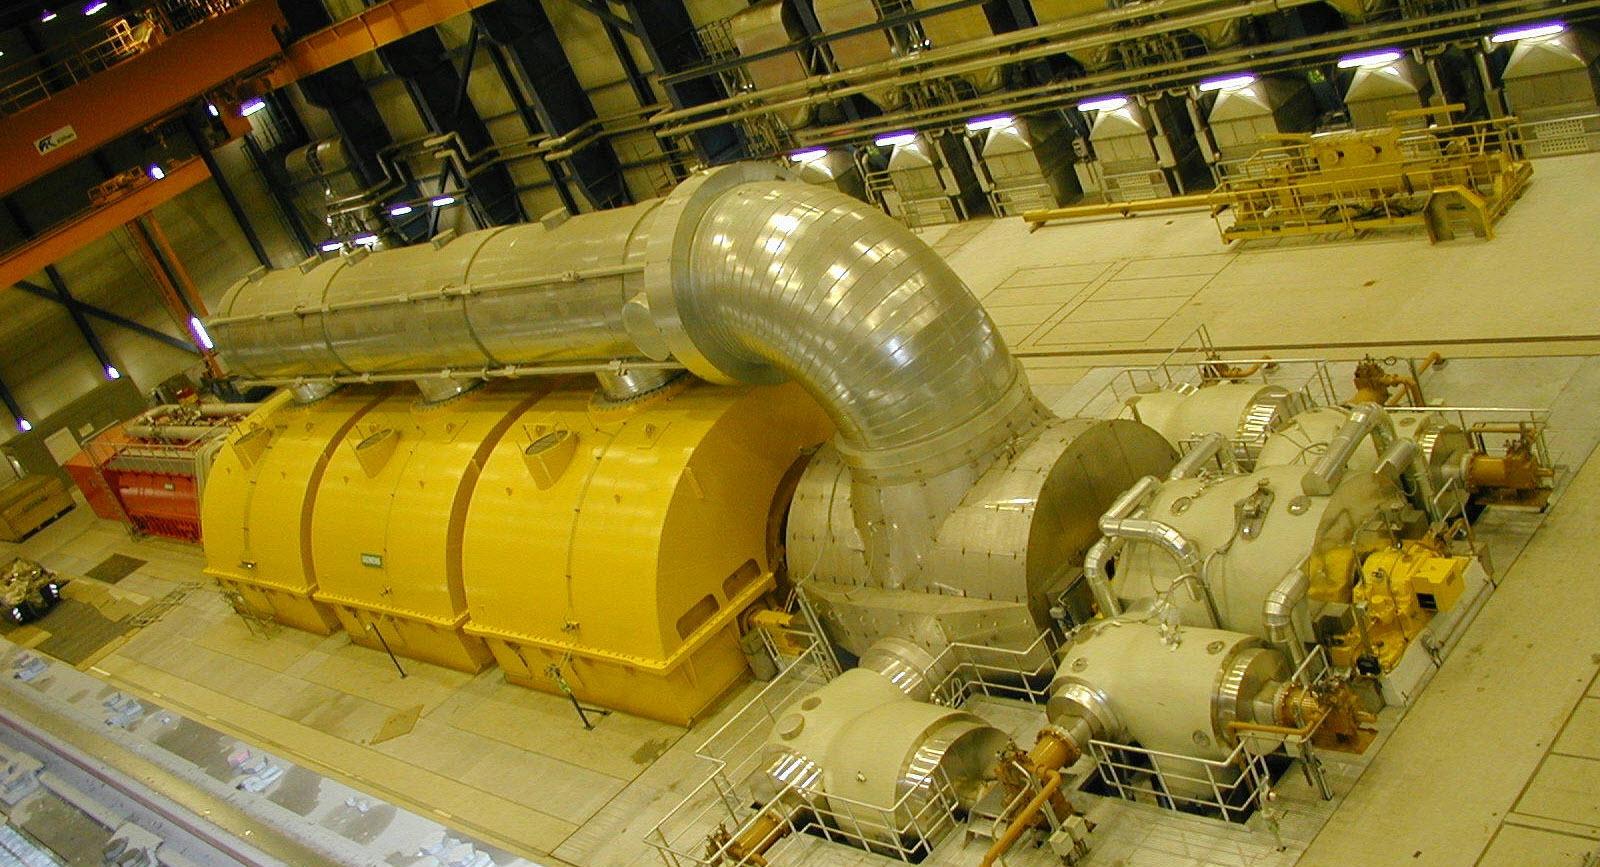 Głównym elementem układów hydraulicznych dla turbin gazowych i parowych są serwocylindry, które są stosowane do kontrolowania napływu medium do turbiny.